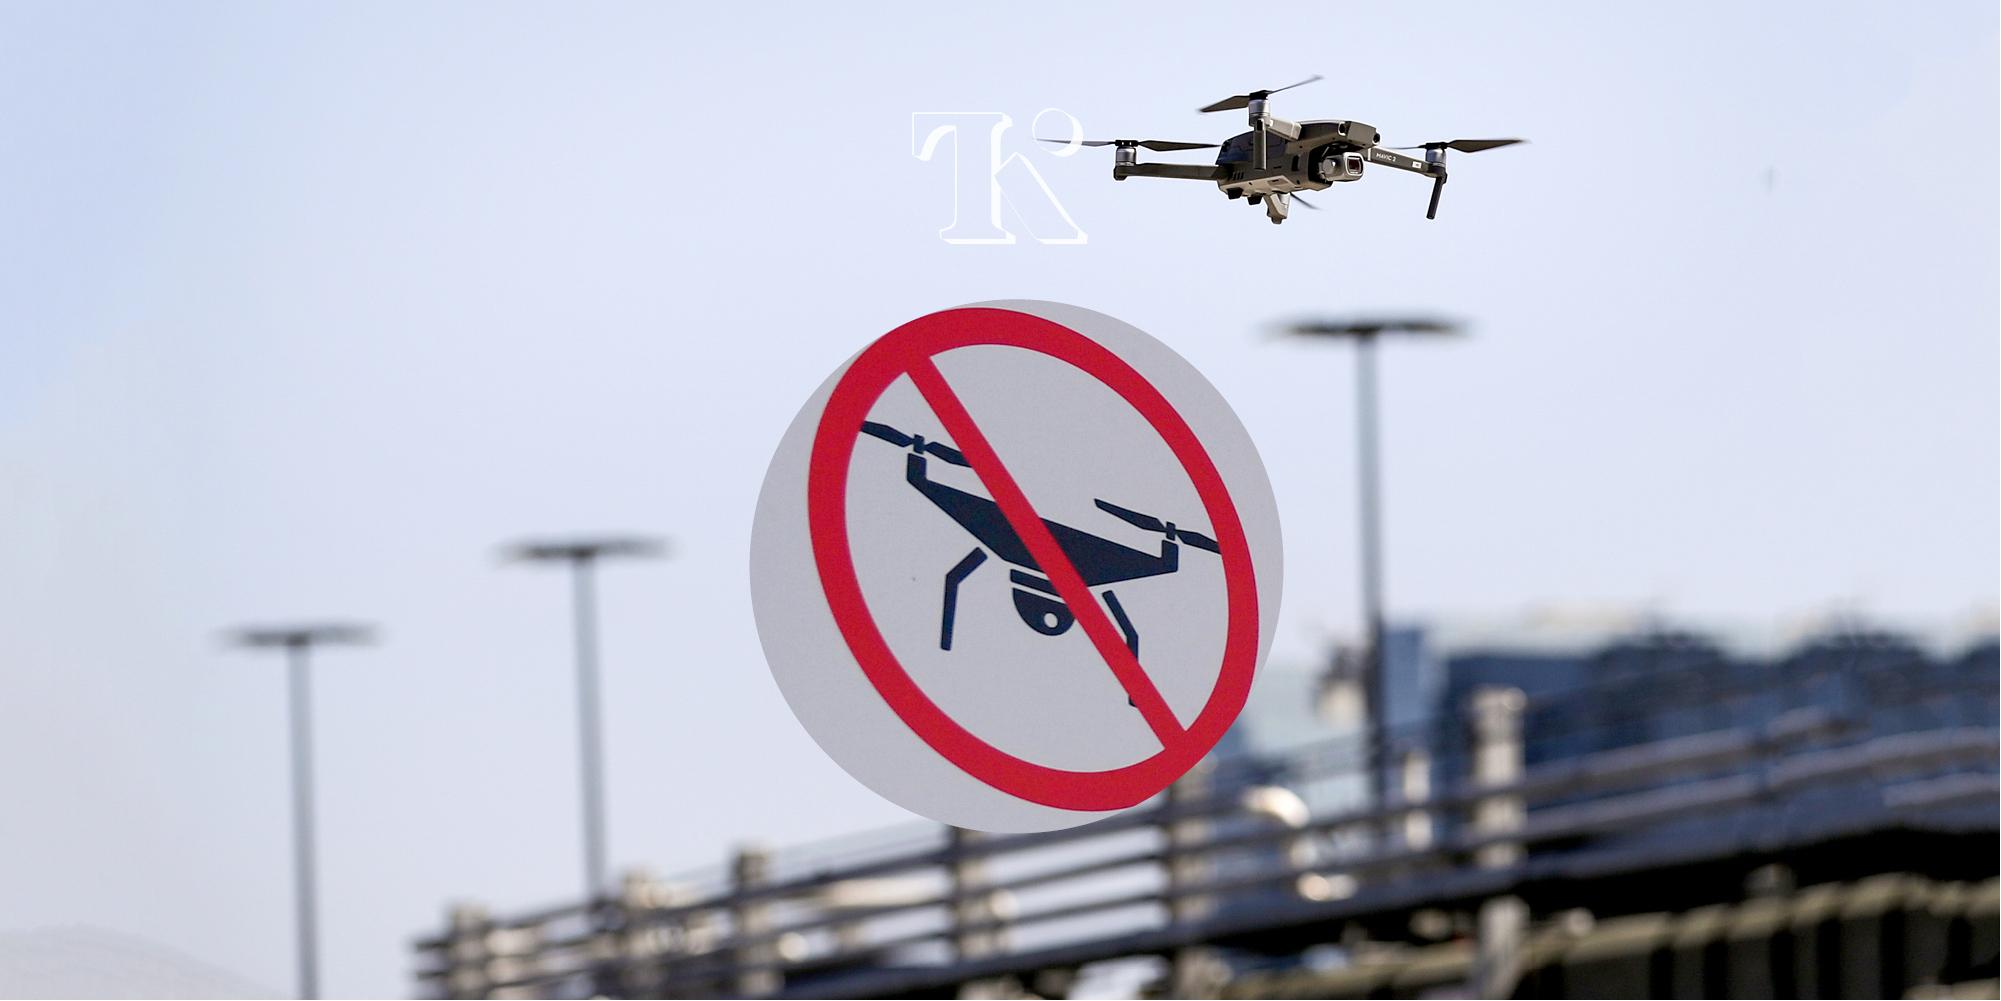 Как медиа могут бороться за право использовать дроны